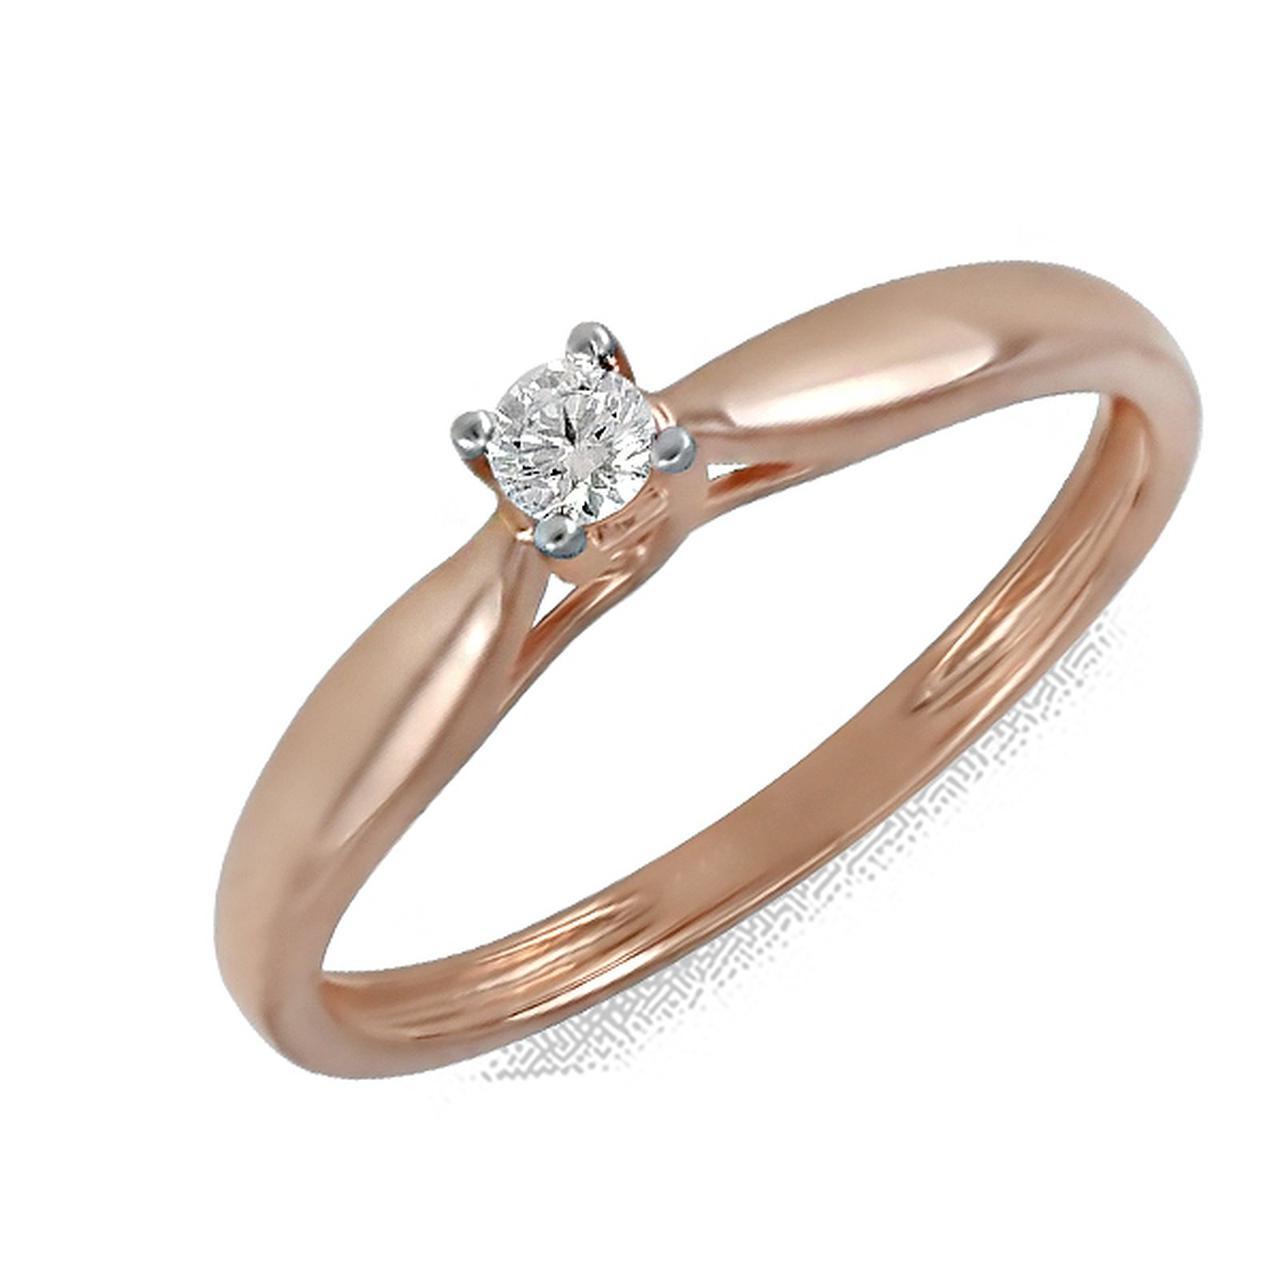 Золотое кольцо с бриллиантом, размер 17 (164598)